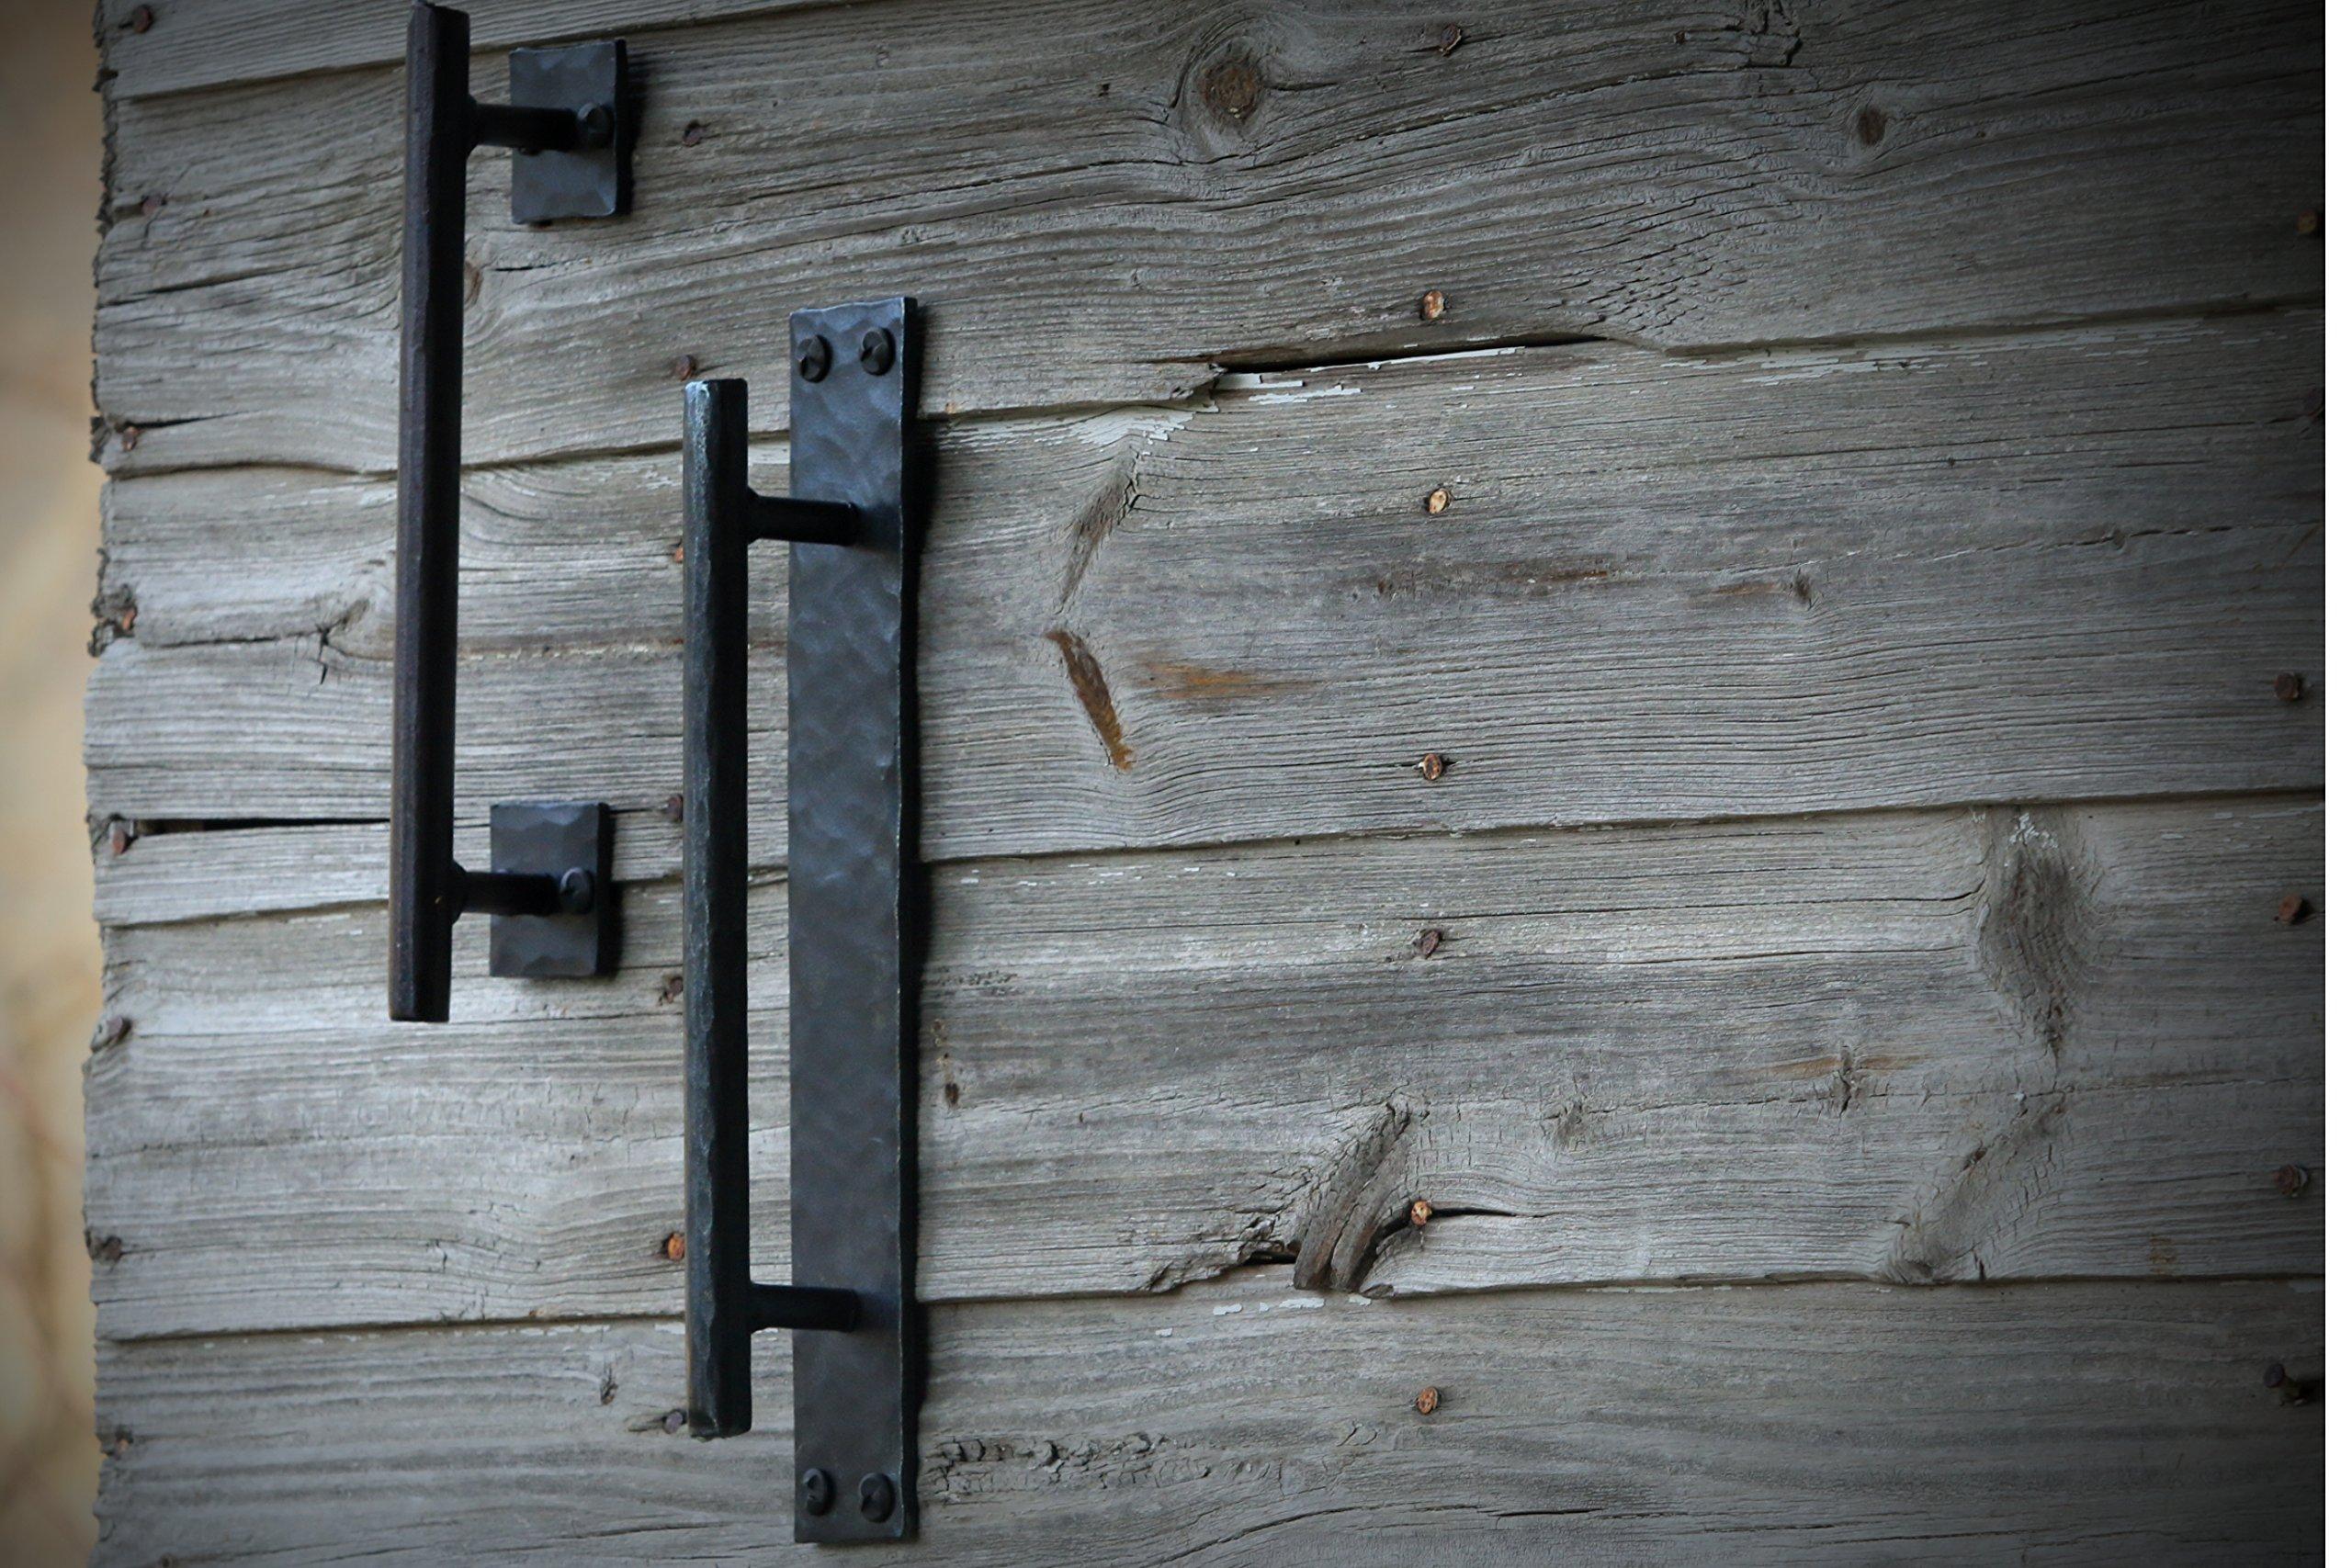 Barn Door Handle Pull Handmade Barndoor Hardware Hand Forged Wrought Iron  Barndoor Handles SSB   43179 79259 U003c Handlesets U003c Tools U0026 Home Improvement    TIBS